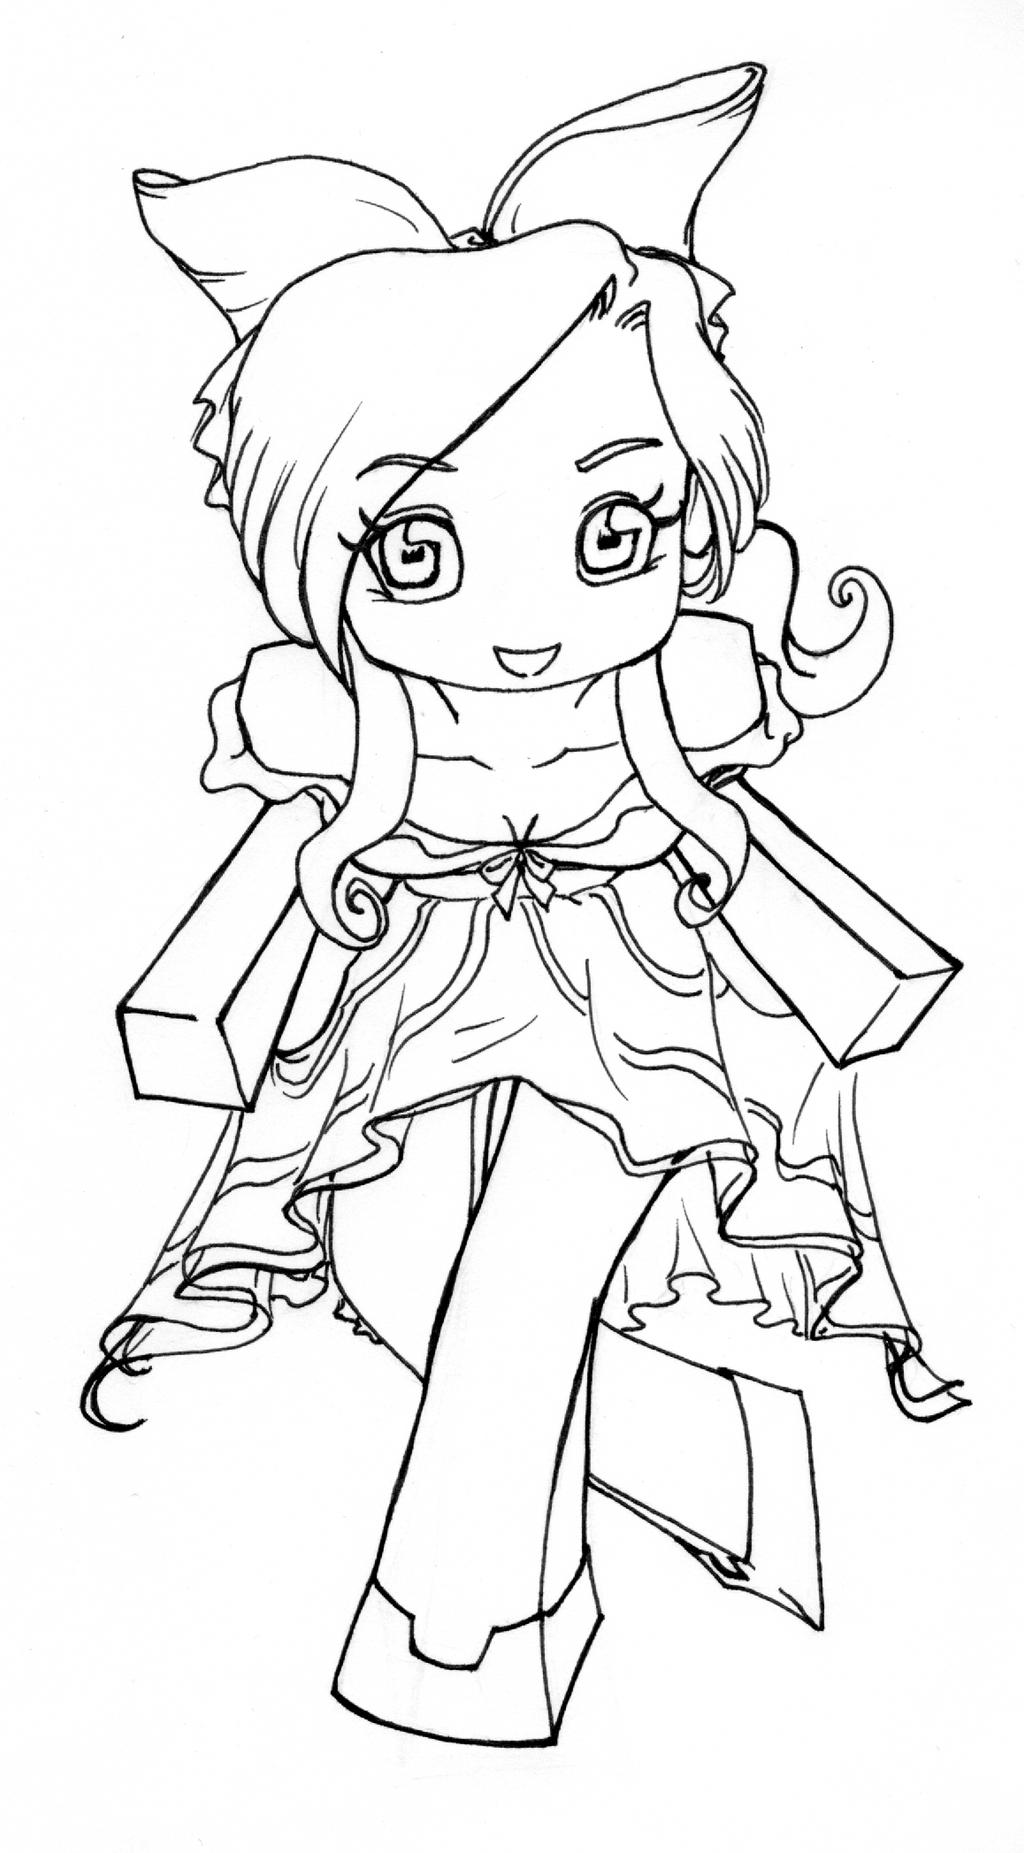 Super Girly Gamer by valkyriechan